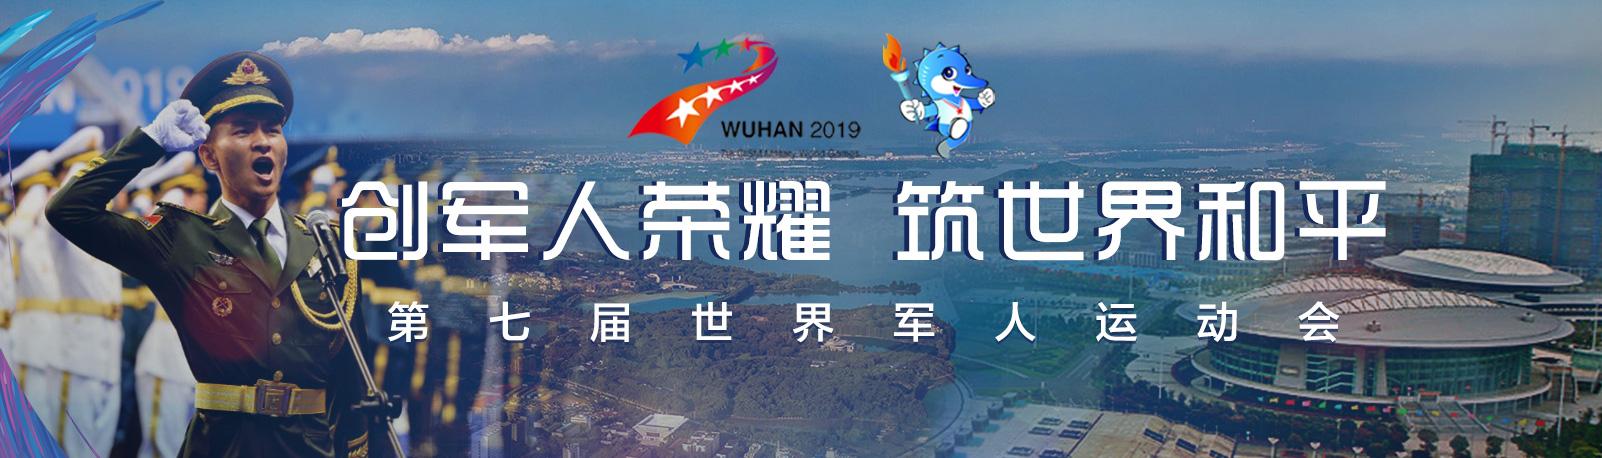 【10月25日直播】第七屆世界軍人運動會——中國軍視網網絡特別直播